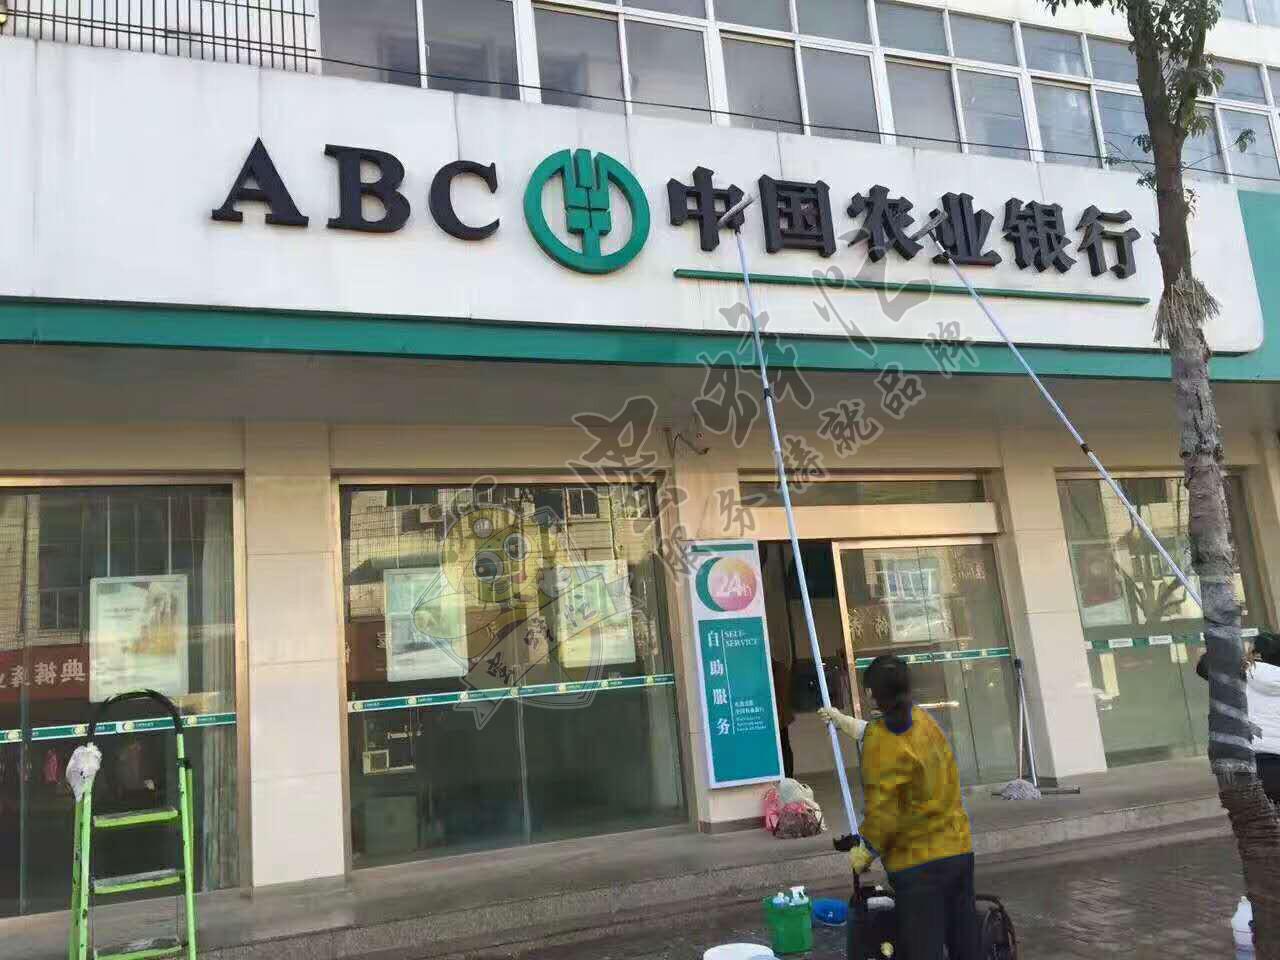 陕西家电清洗公司加盟 小蜜蜂无限商机,让创业者赚取一个亿图片 243491 1280x960